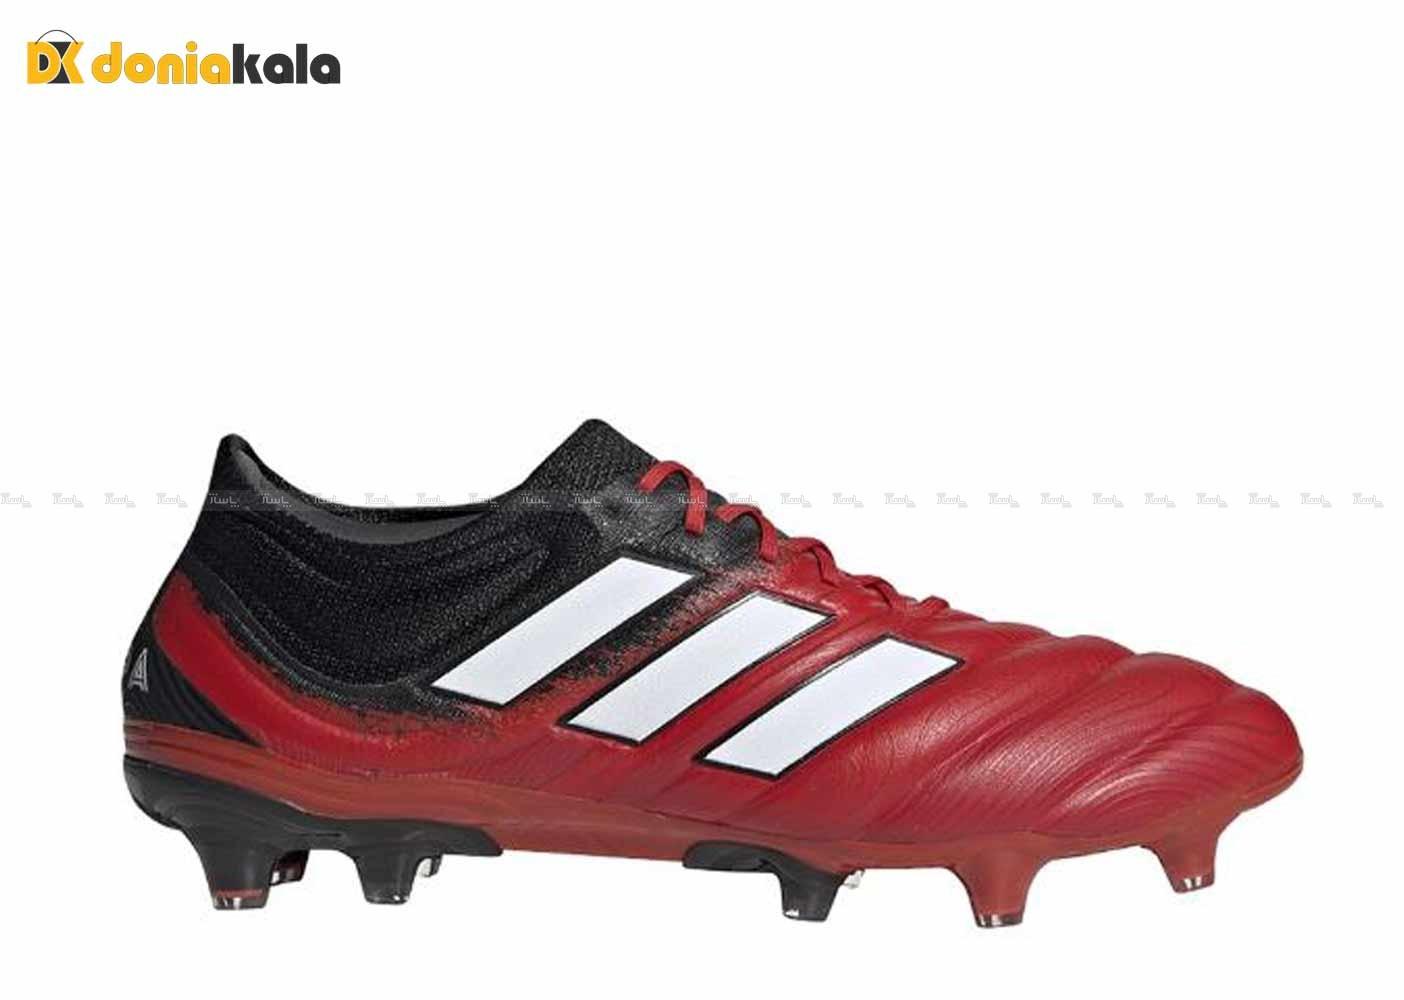 کفش فوتبال چمن طبیعی مردانه آدیداس کوپا 20.1 adidas copa 20.1 fg-تصویر اصلی